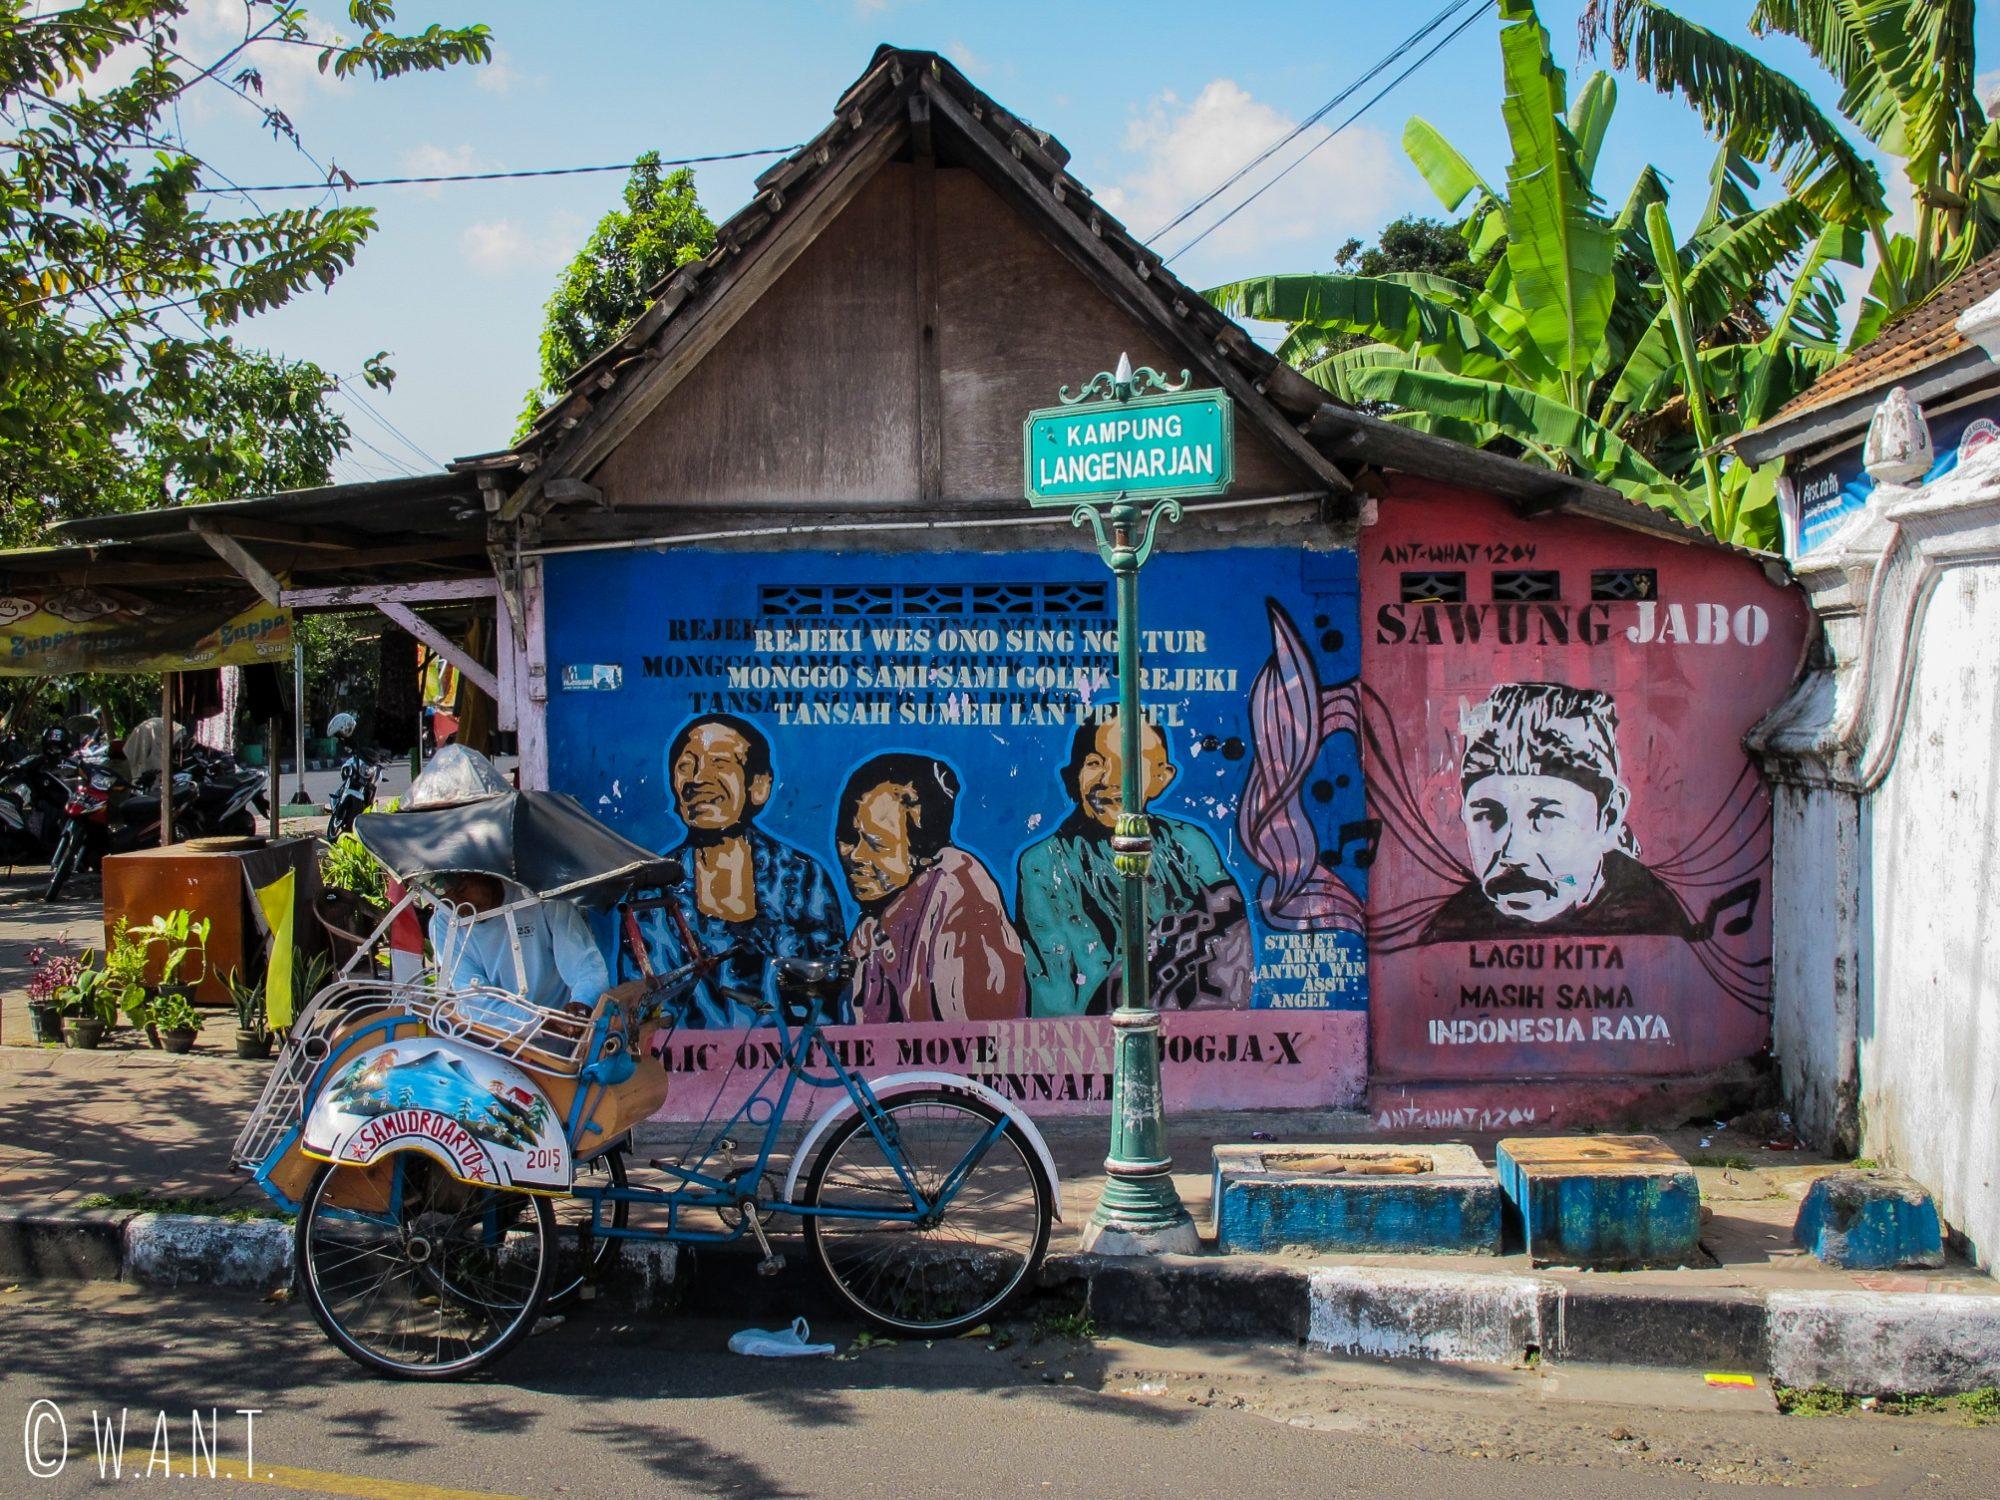 L'art de rue est très présent dans les rues de Yogyakarta